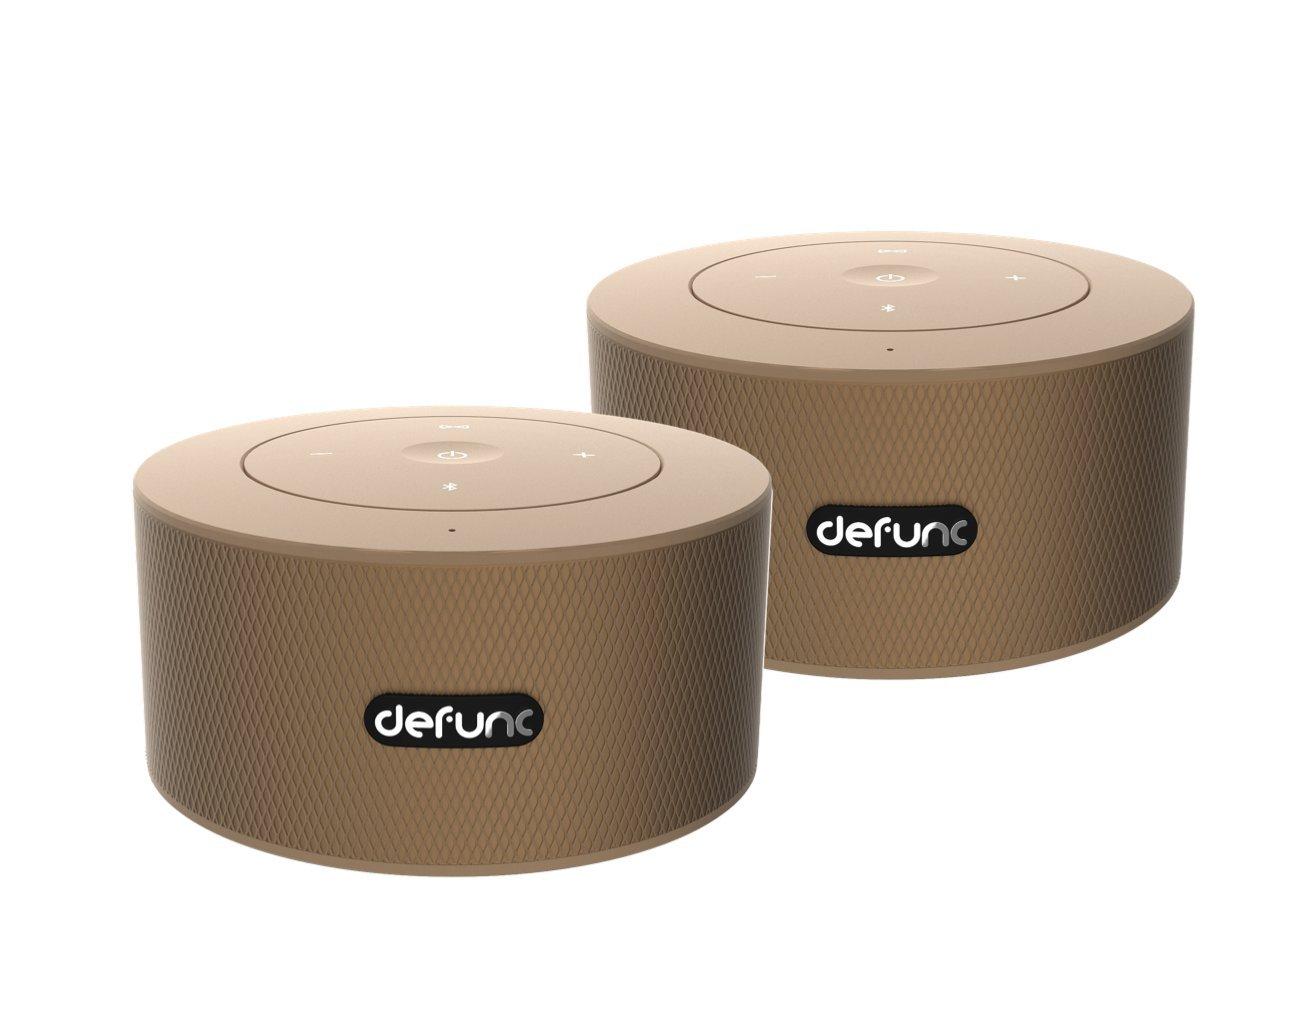 ワイヤレススピーカー Defunc(デファンク) DUO(デュオ) ステレオサウンド (1セット2個入り) (Goldish)   B0772FDWQY